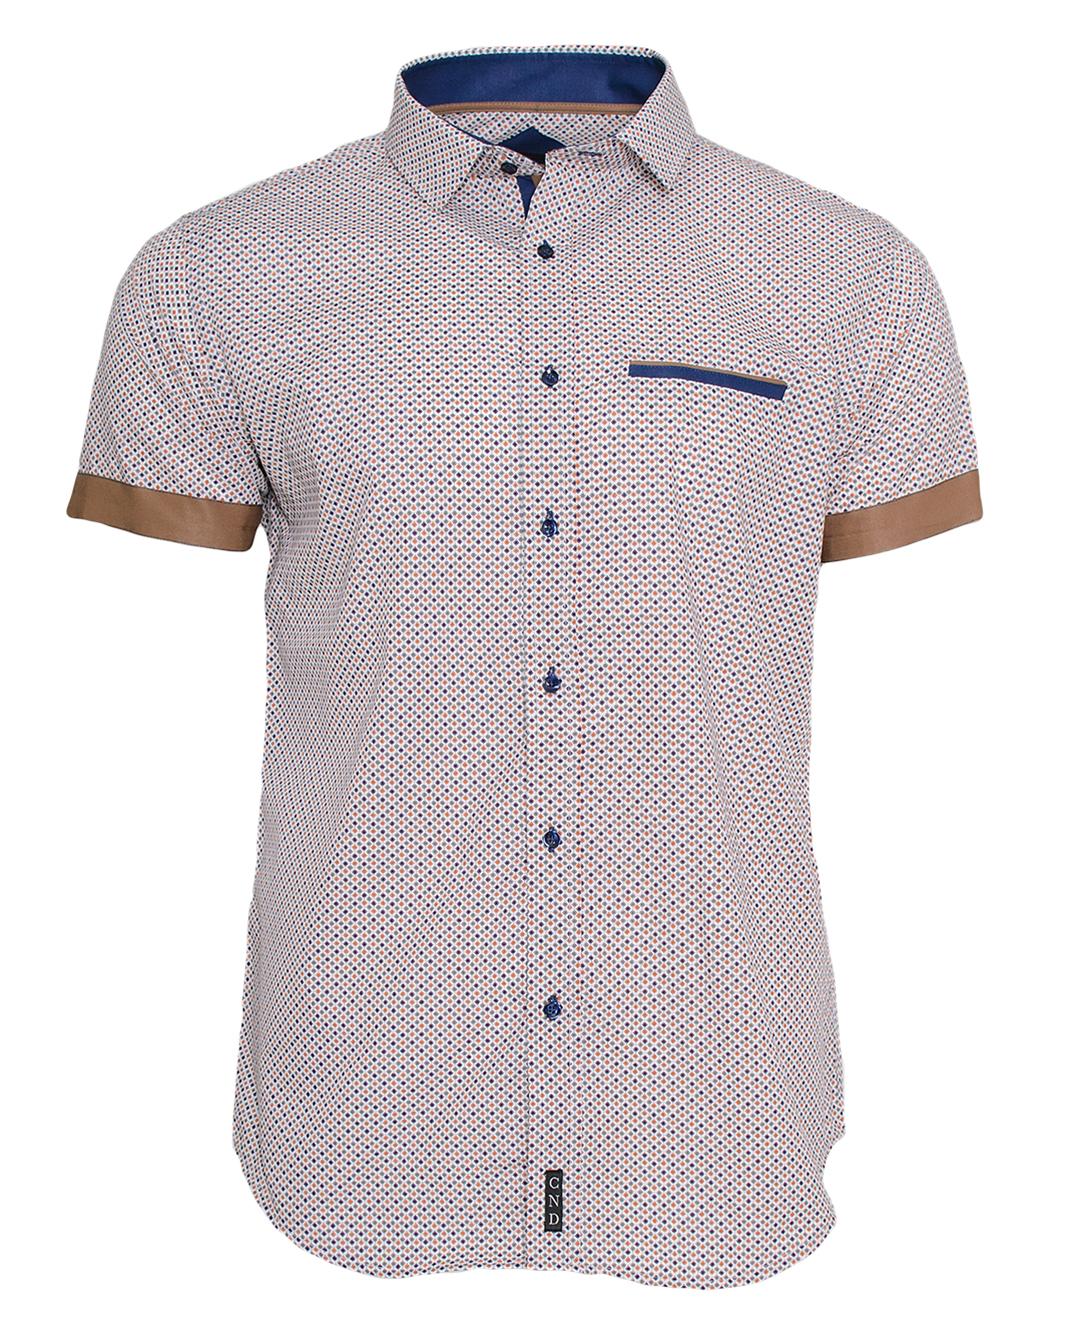 Κοντομάνικο Πουκάμισο CND Blue Brown-Καφέ Ανοικτό αρχική ανδρικά ρούχα πουκάμισα